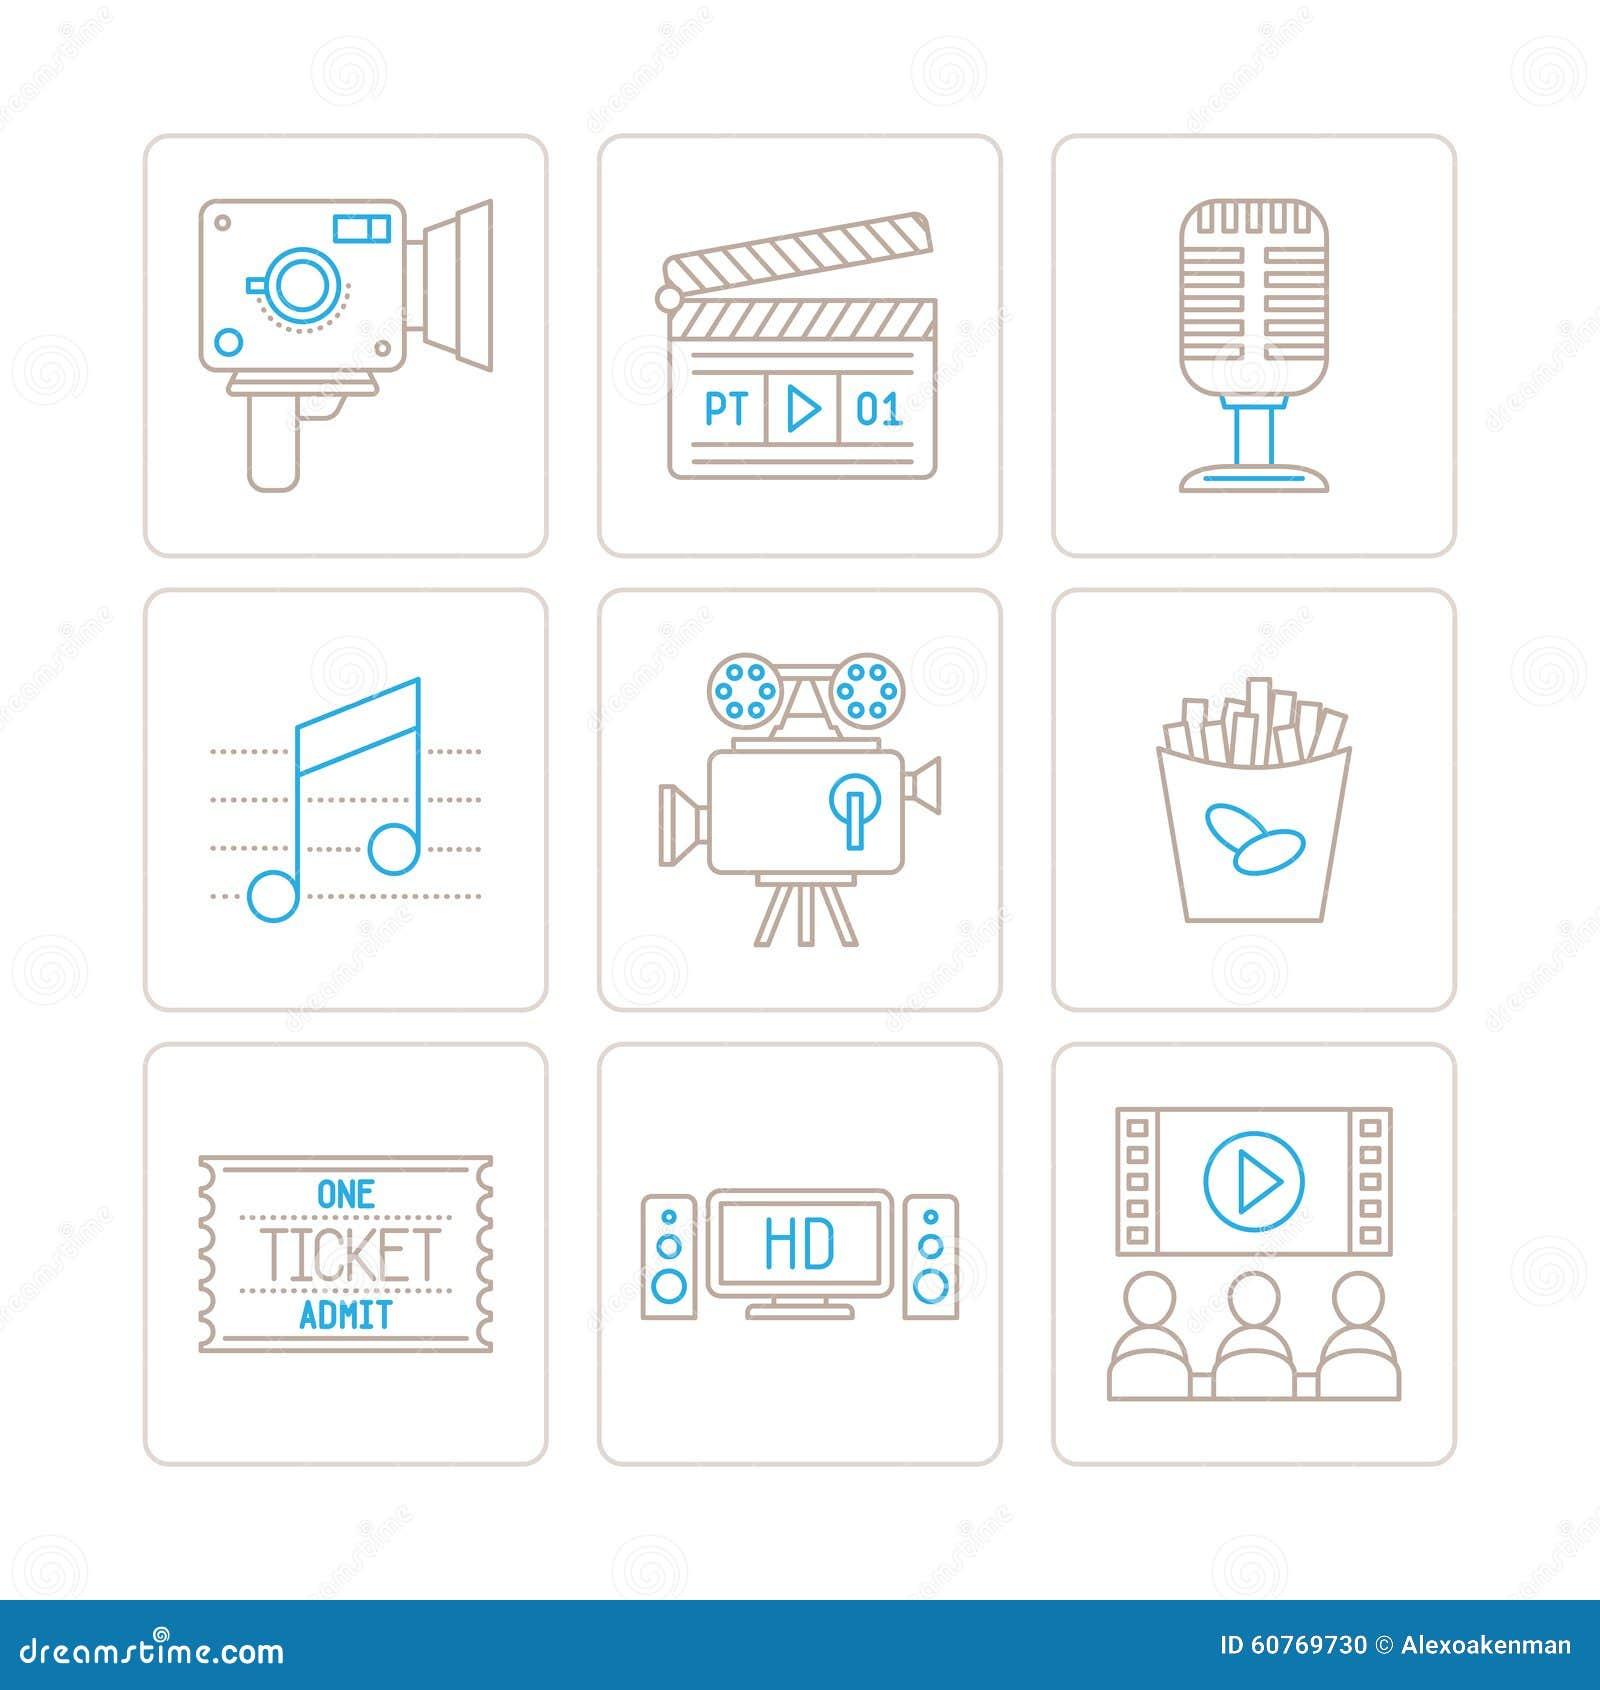 Σύνολο διανυσματικών εικονιδίων και εννοιών κινηματογράφων στο μονο λεπτό ύφος γραμμών